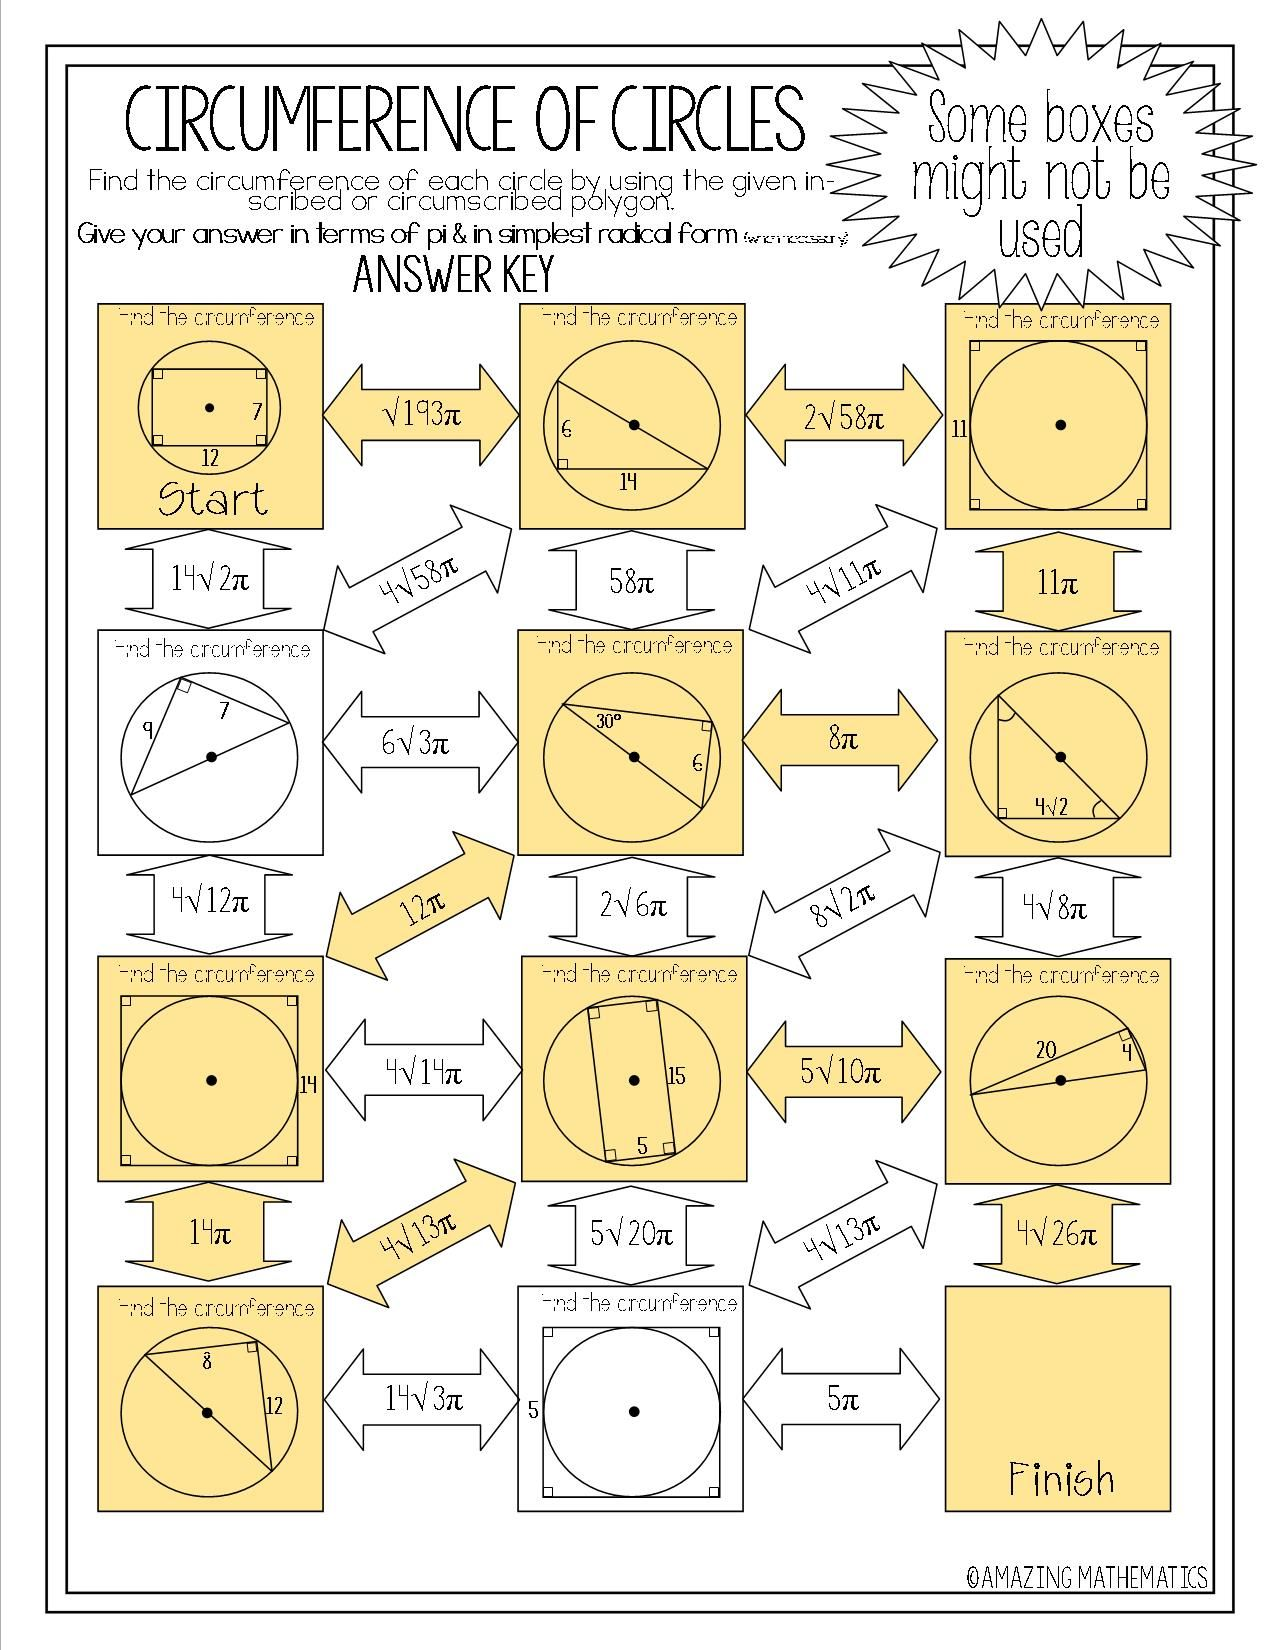 Circumference Of Circles Maze